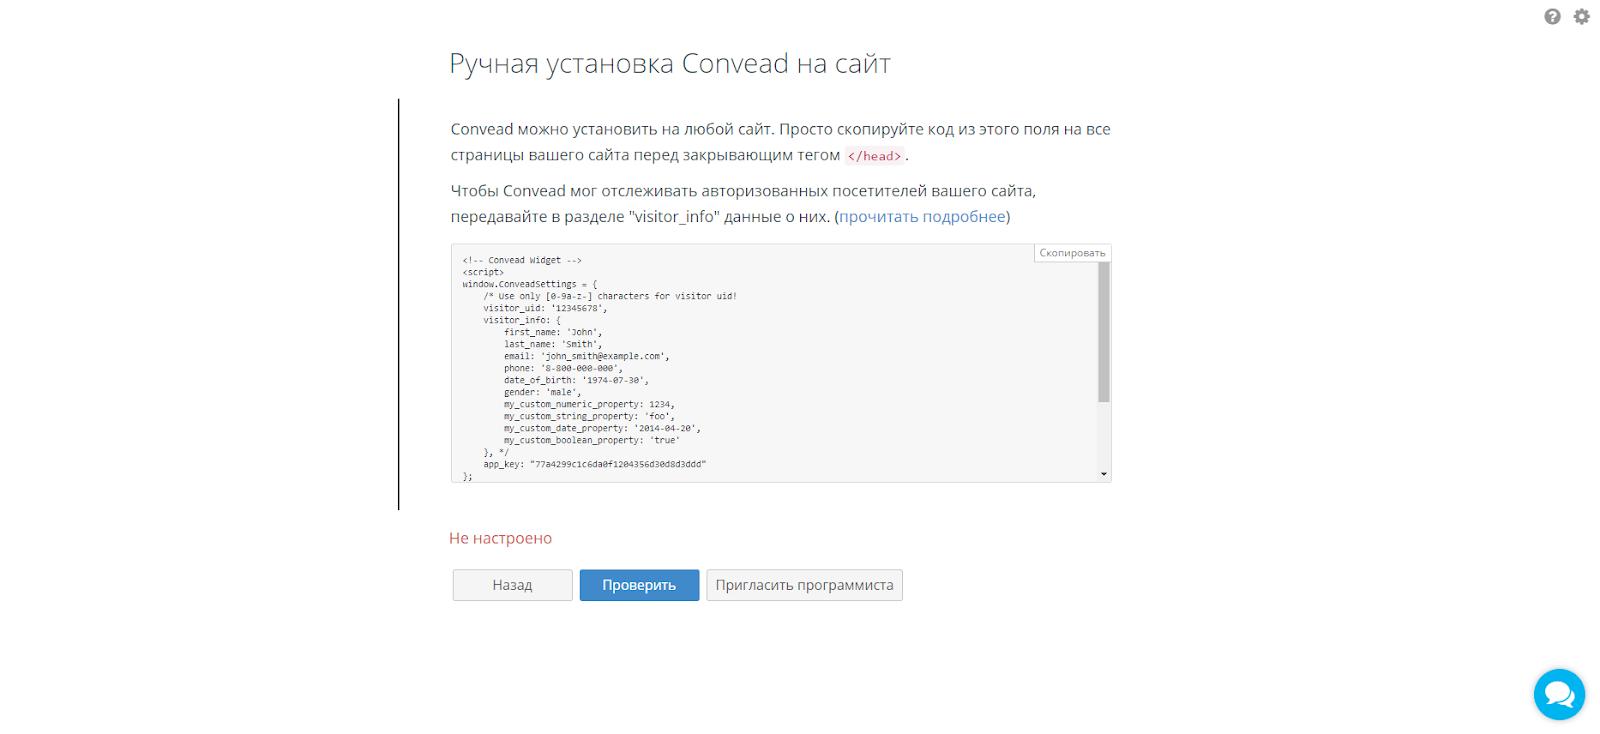 установка кода convead